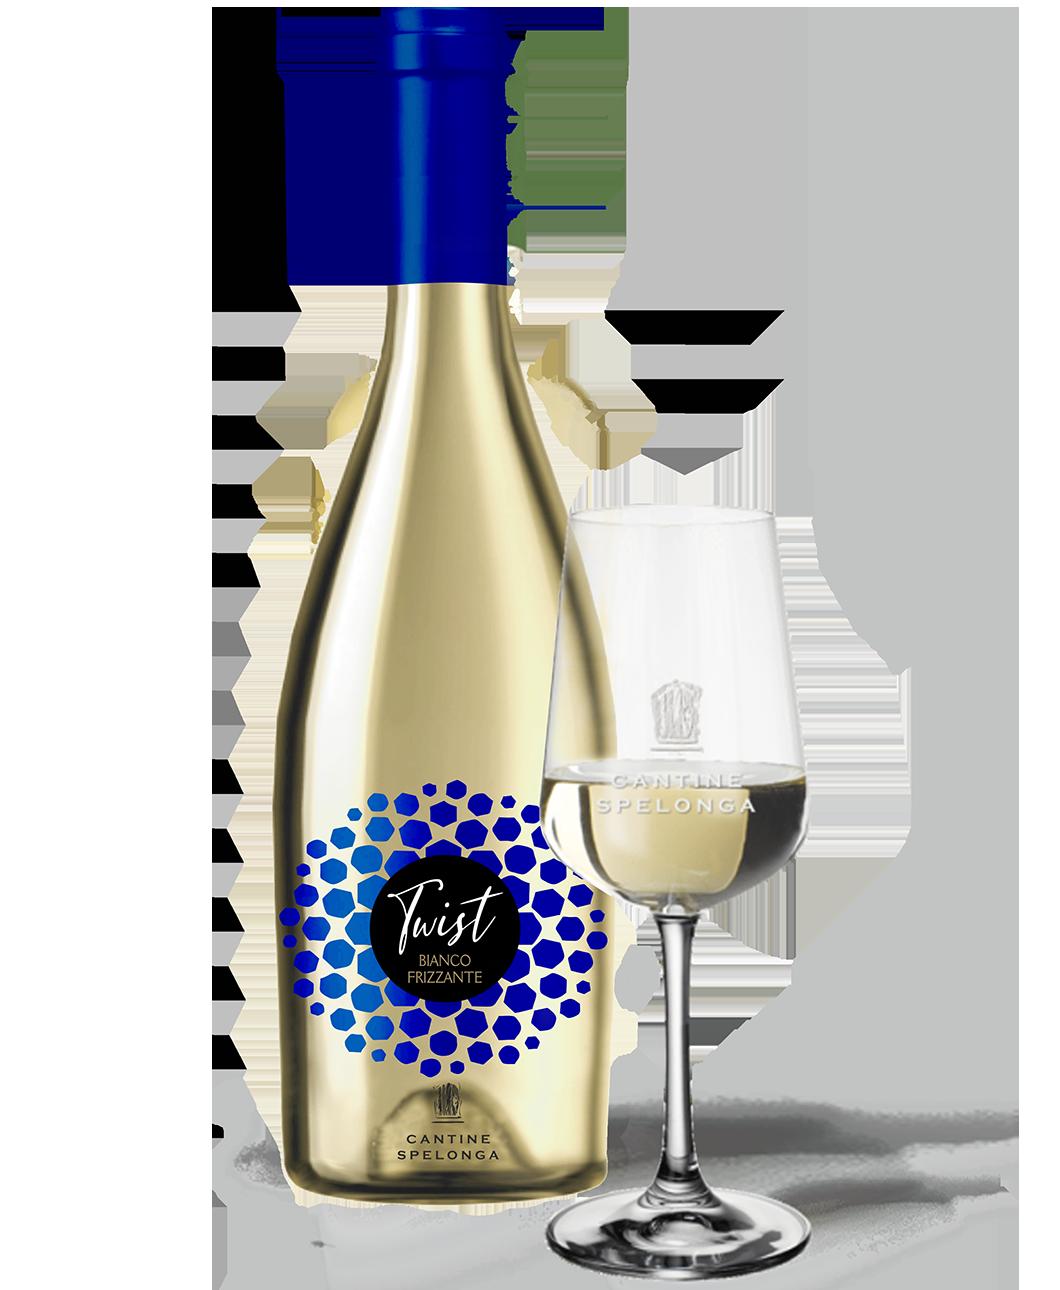 Bottiglia e calice di vino Twist bianco frizzante di Cantine Spelonga